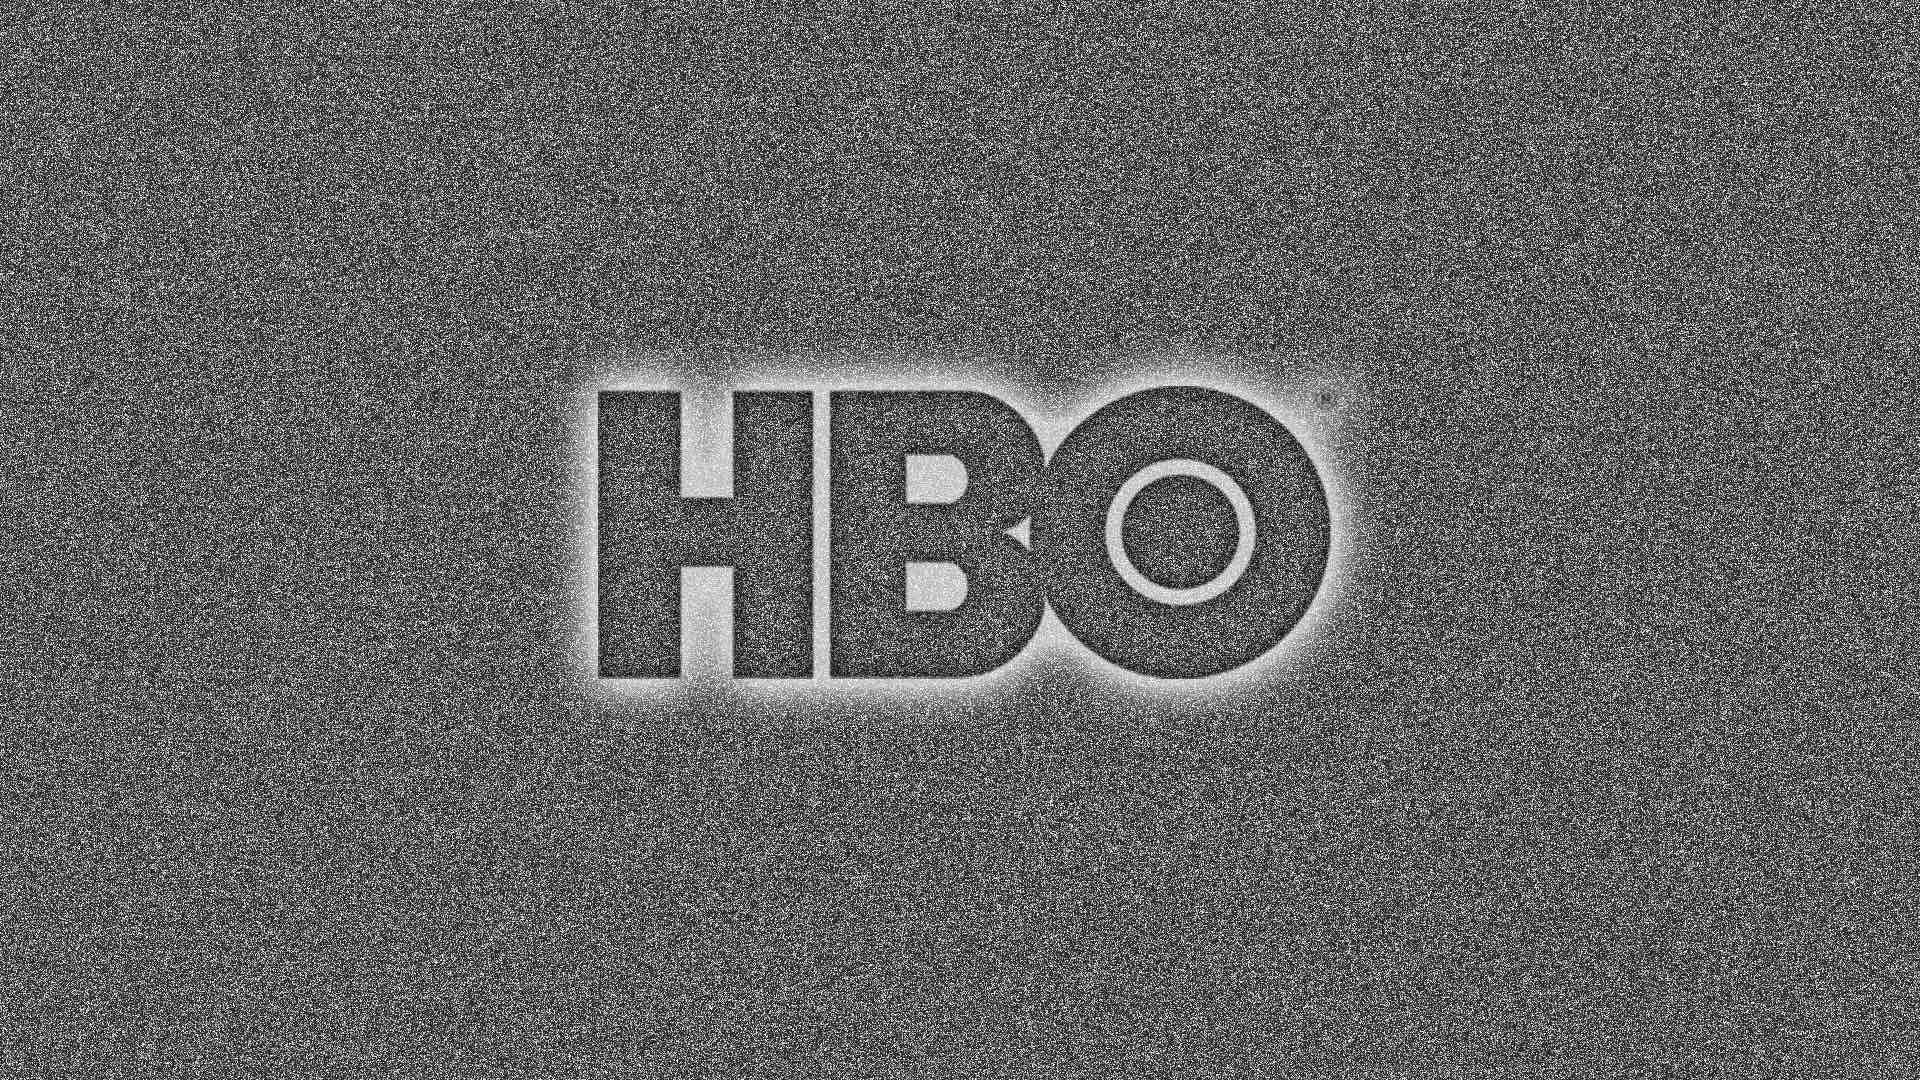 Coronavirus : HBO propose de nombreuses séries à regarder gratuitement